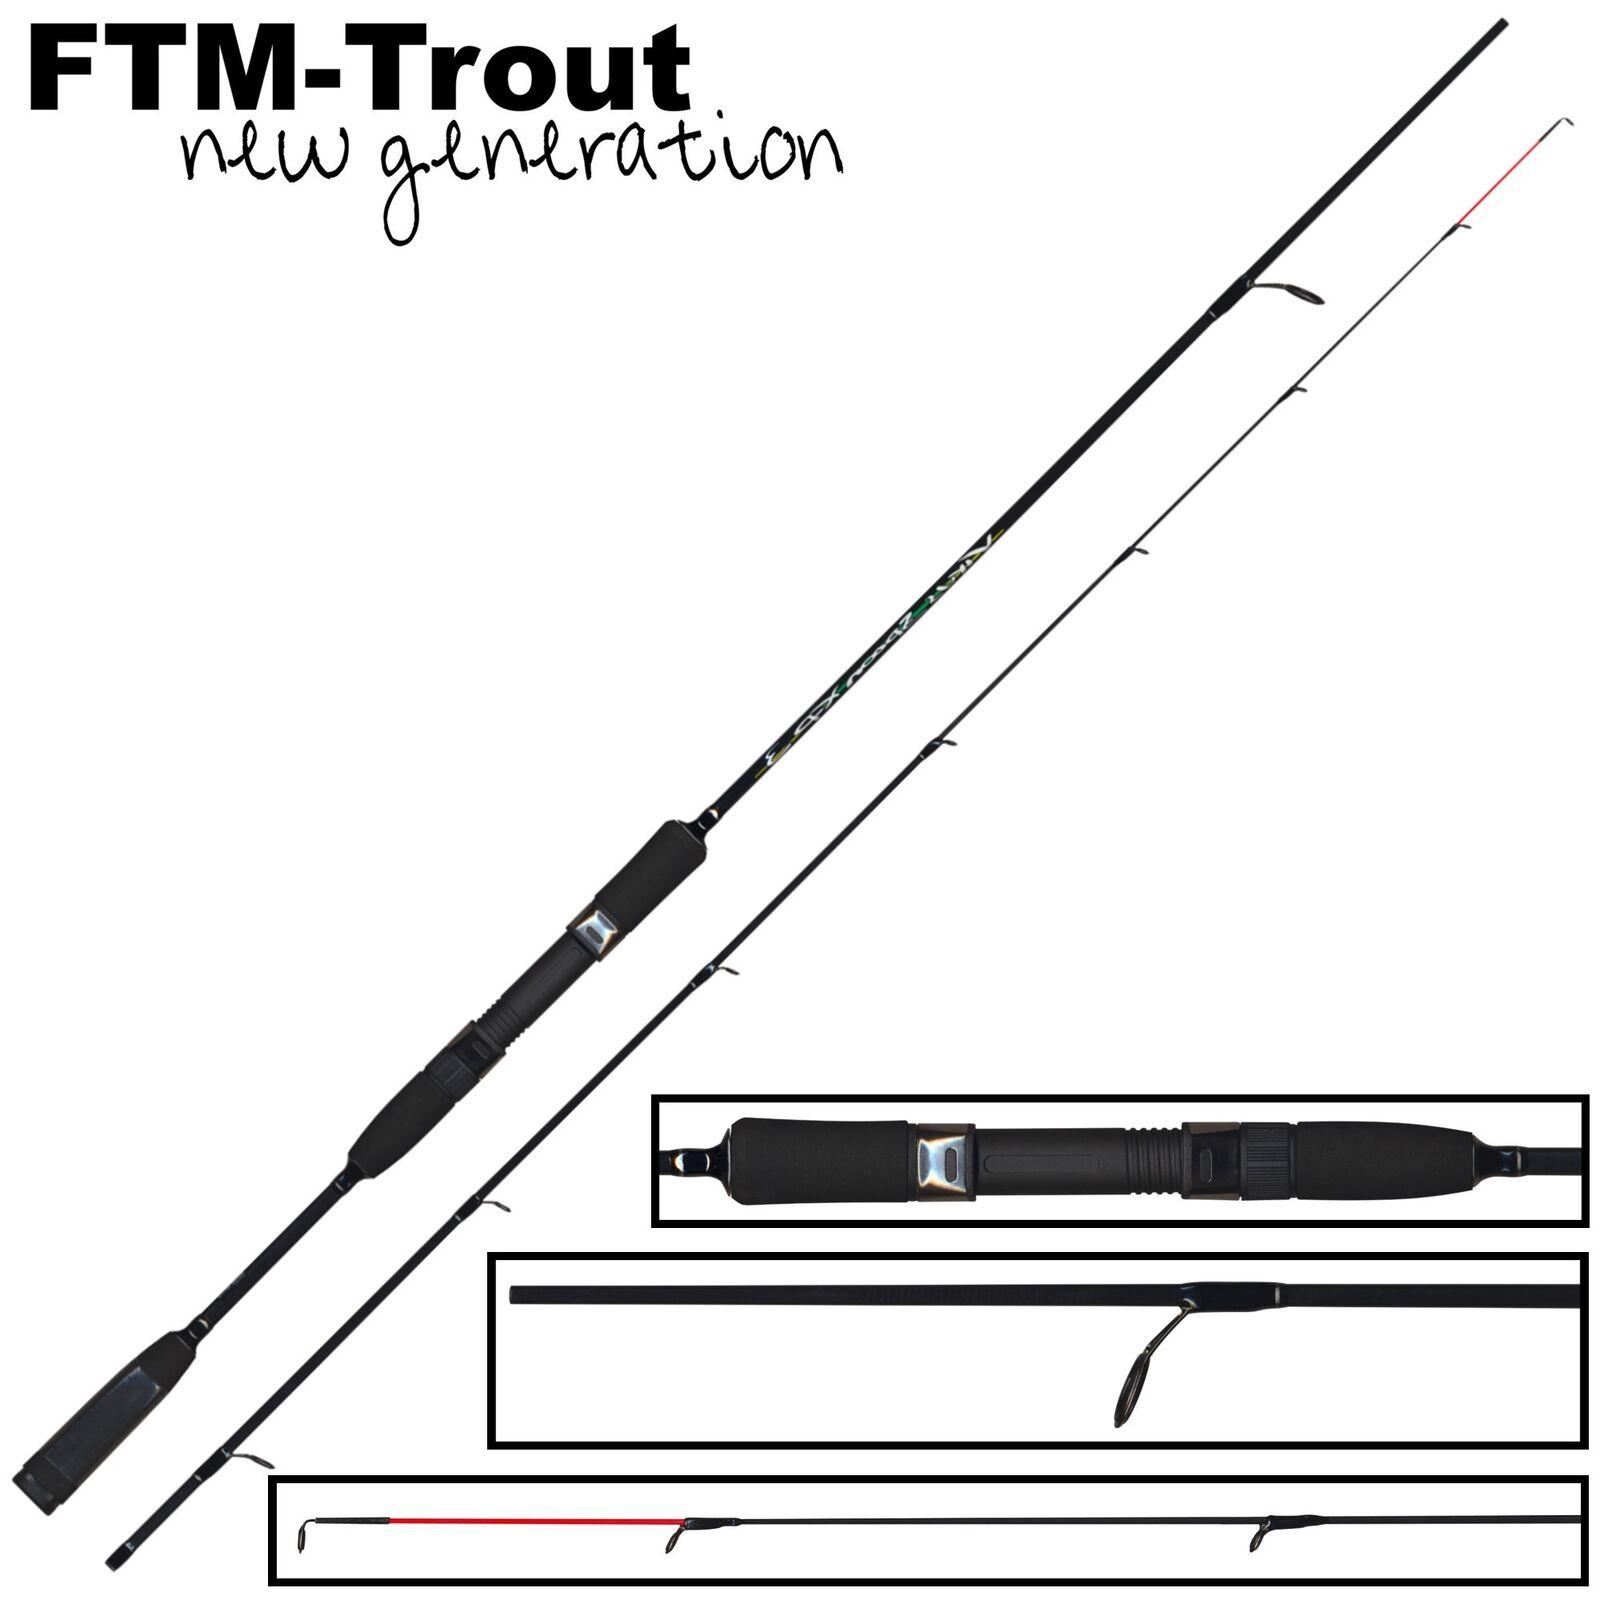 FTM Virus Spoon XP3 1,80m 1-8g - Forellen Spinnrute, Forellenrute, Angelrute